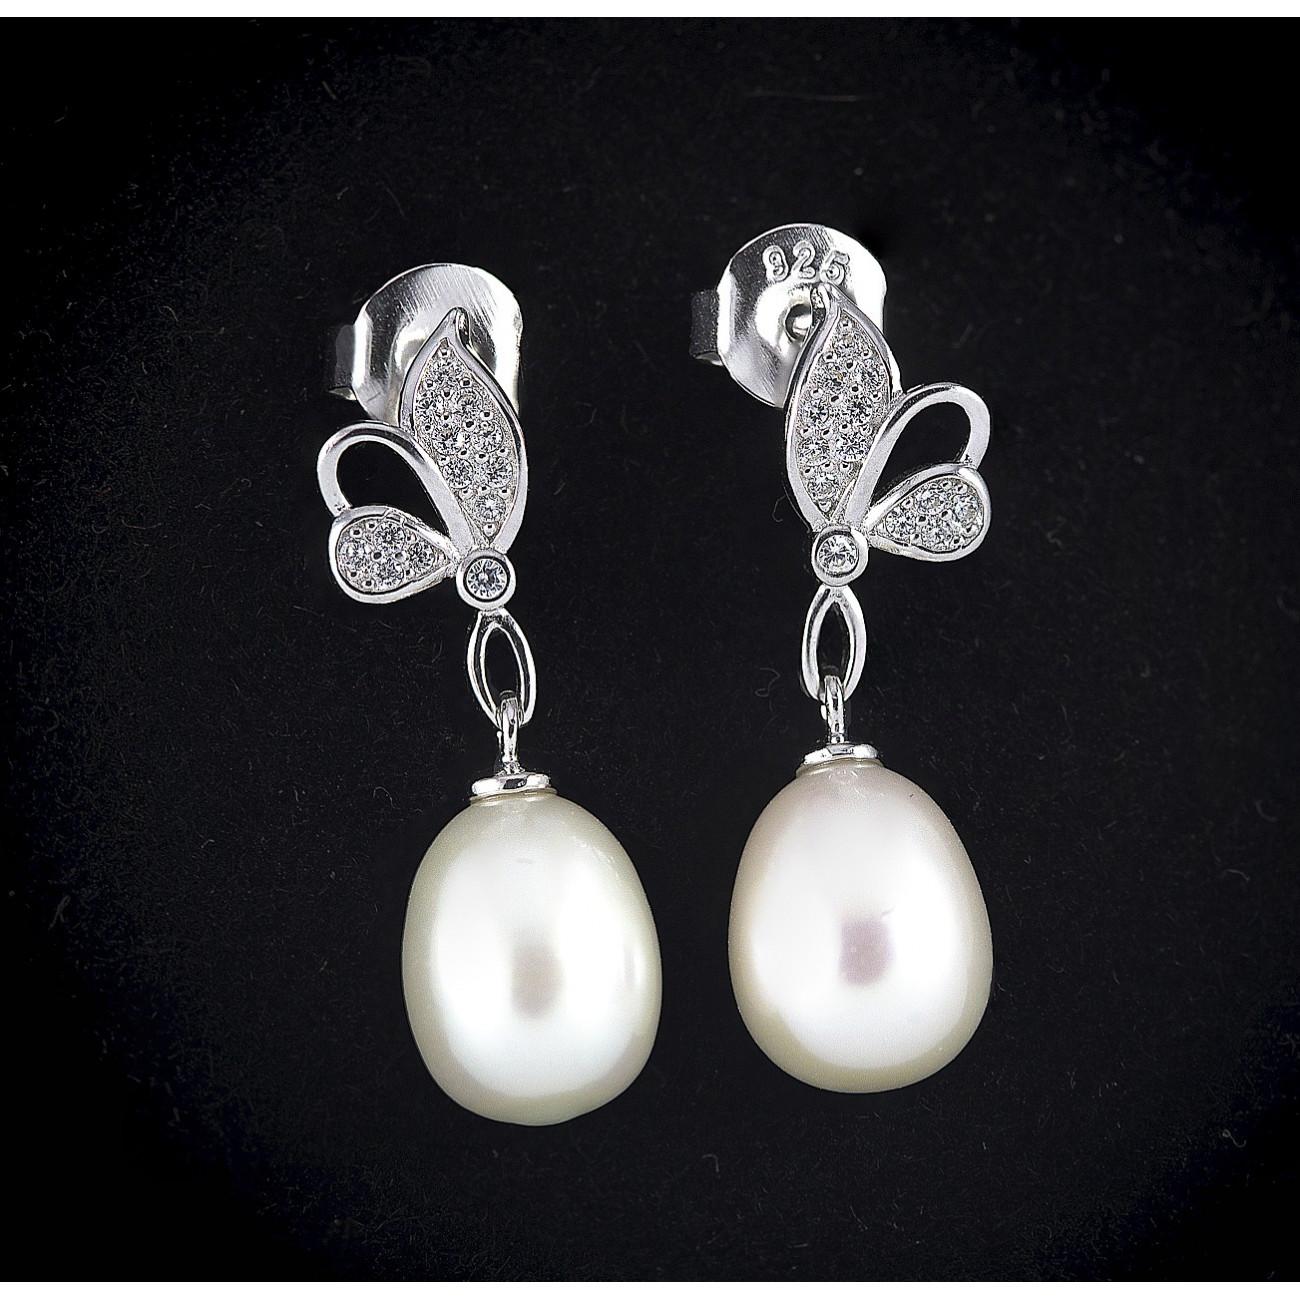 Stříbrné perlové náušnice visací Savour s motýlem